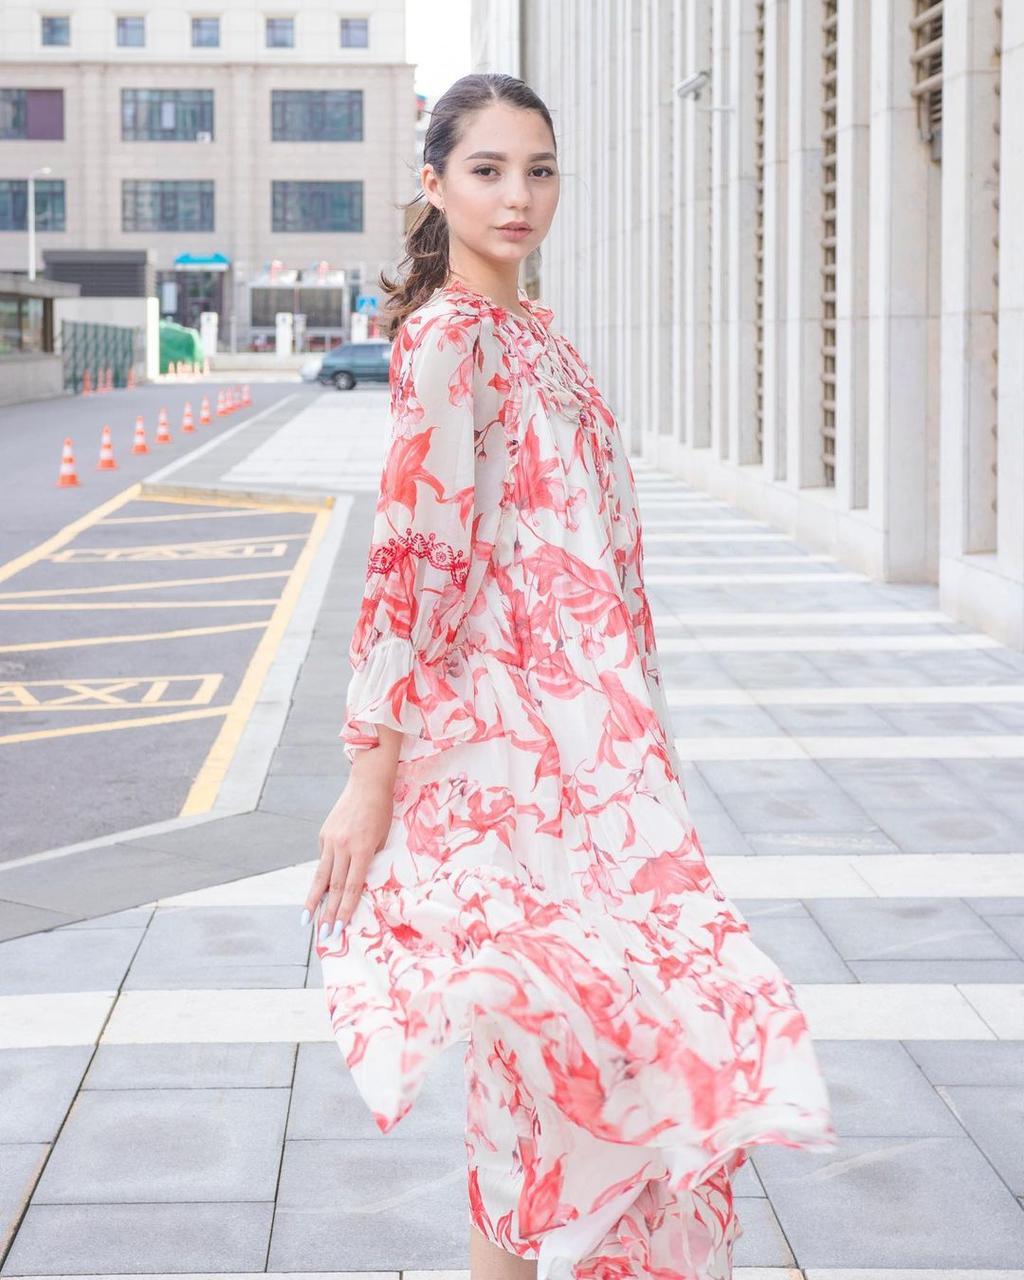 Шифоновое платье кремовое с красным (Hanym, 2021) - фото 1